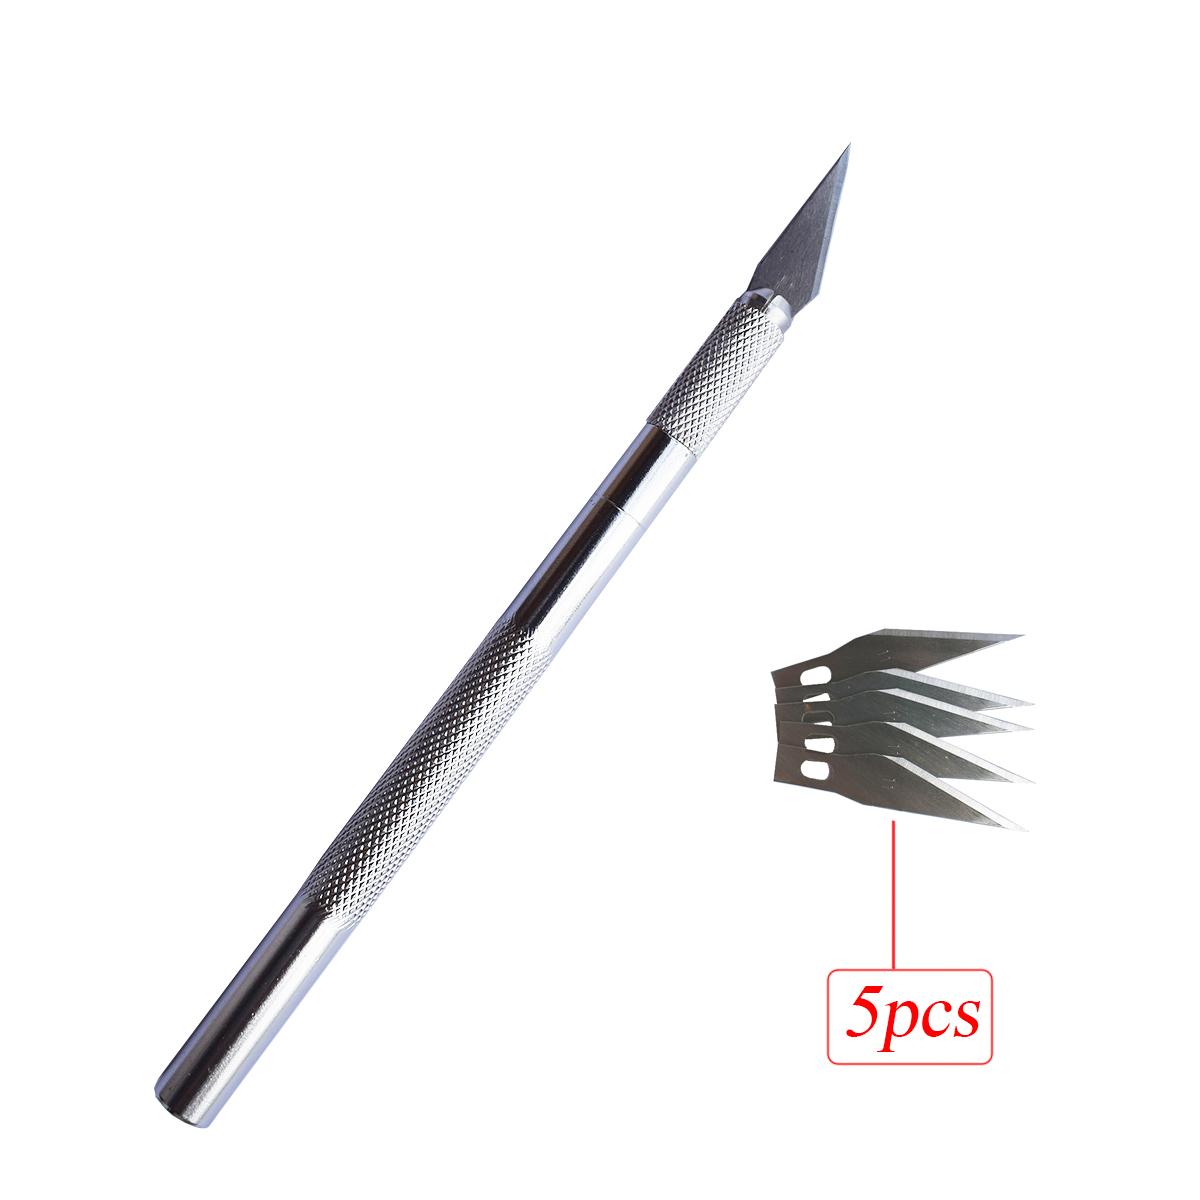 Точный нож для резьбы и рукоделия, нож для трафаретной резки для творчества, ремесла для творчества, хобби, ремесла E26